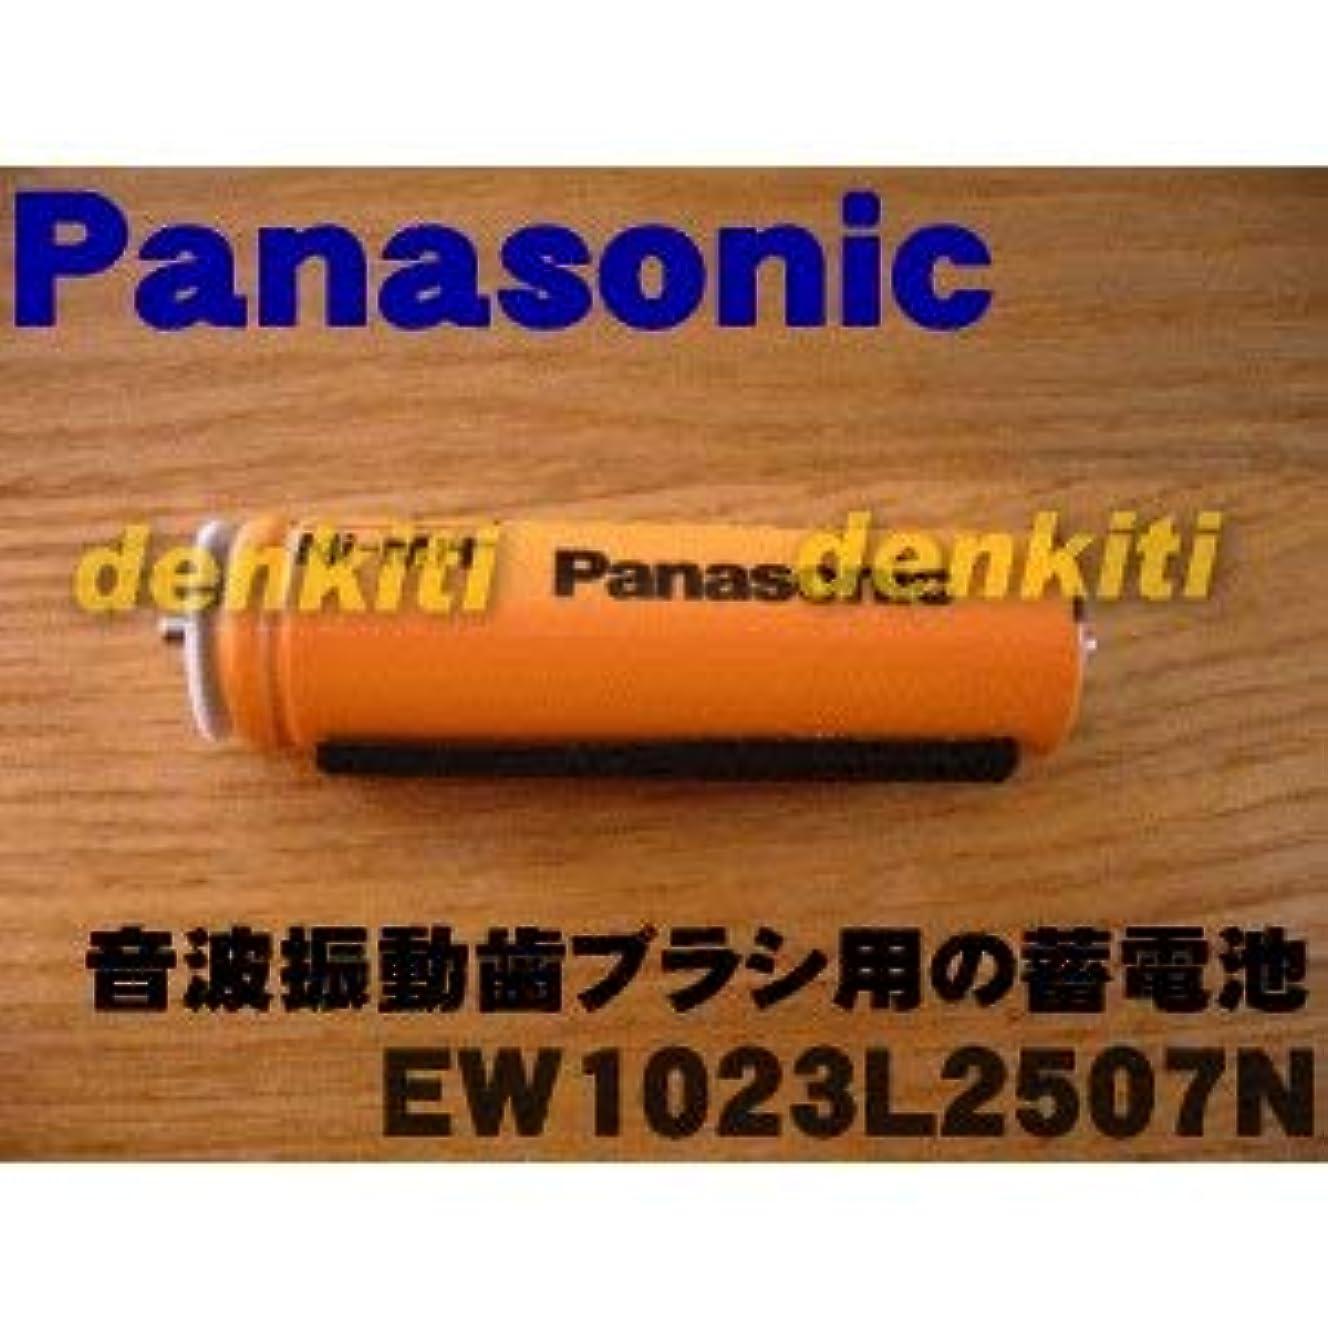 残り中間枕【ゆうパケット対応品】 パナソニック Panasonic 音波振動ハブラシ Doltz 蓄電池交換用蓄電池 EW1023L2507N